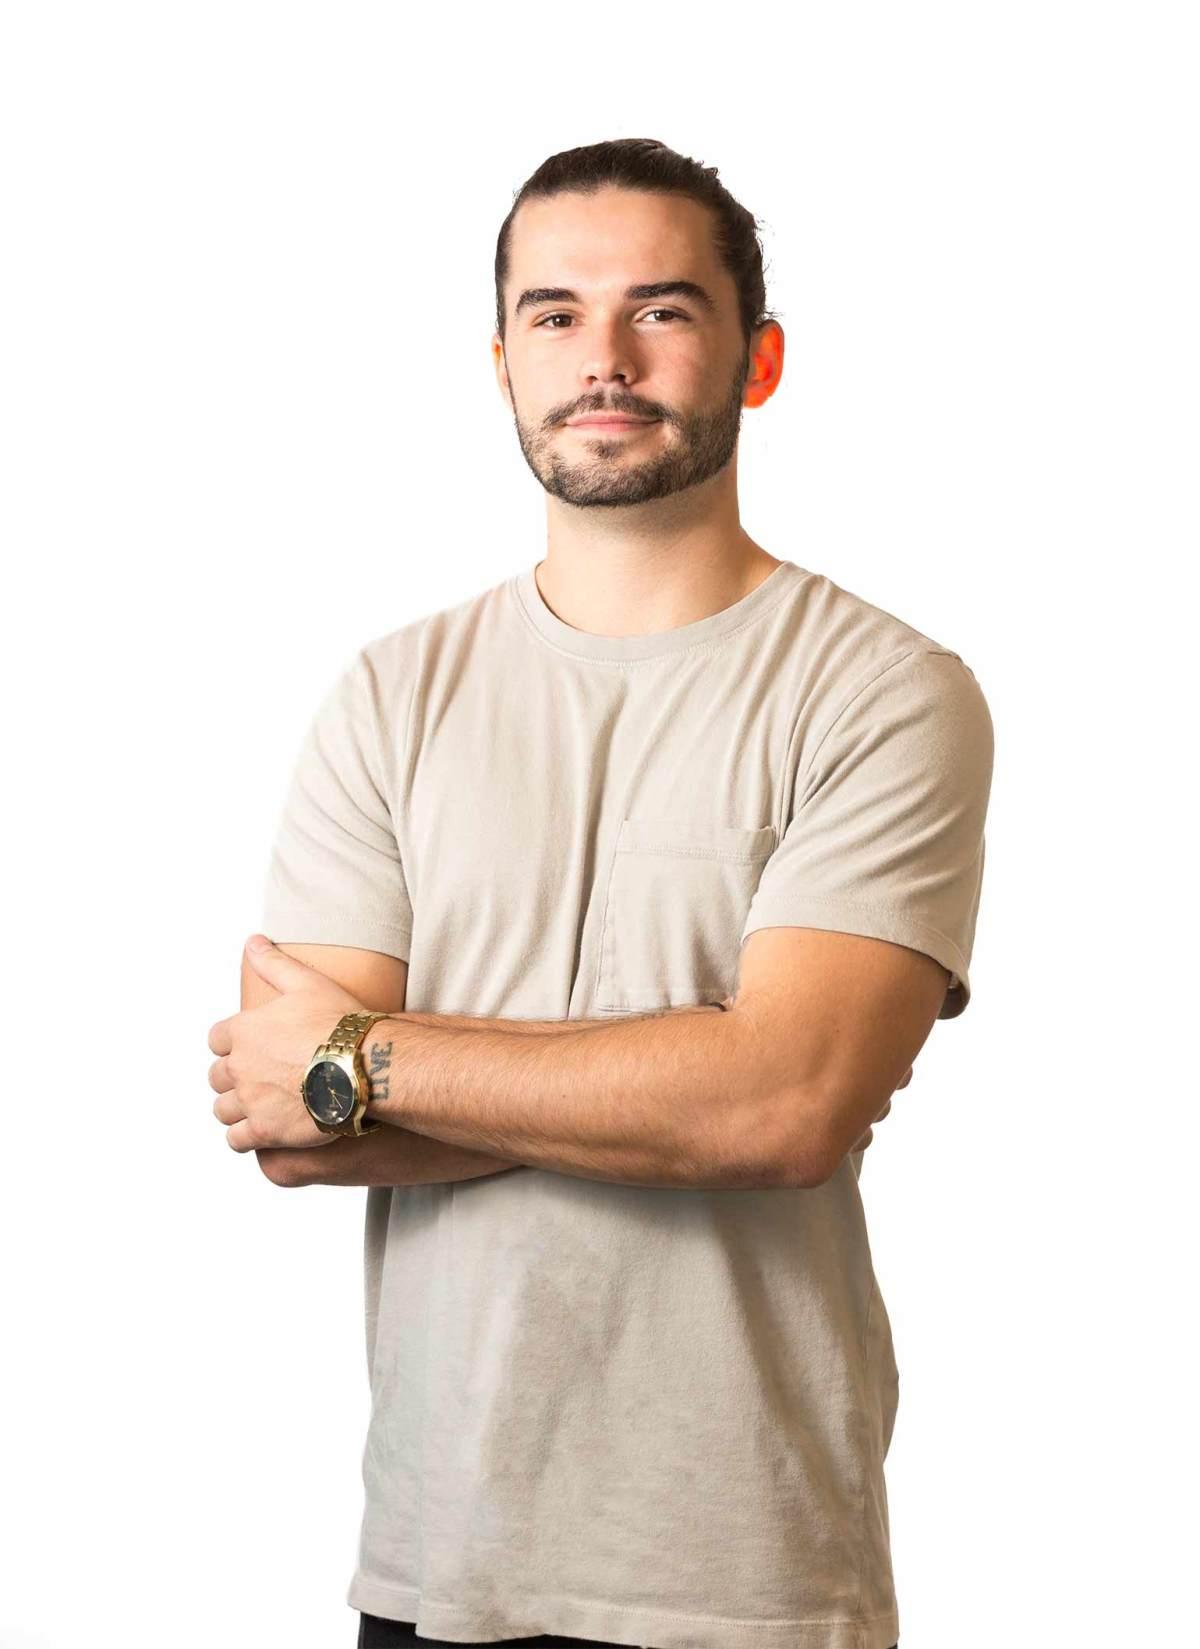 Nate Hilt